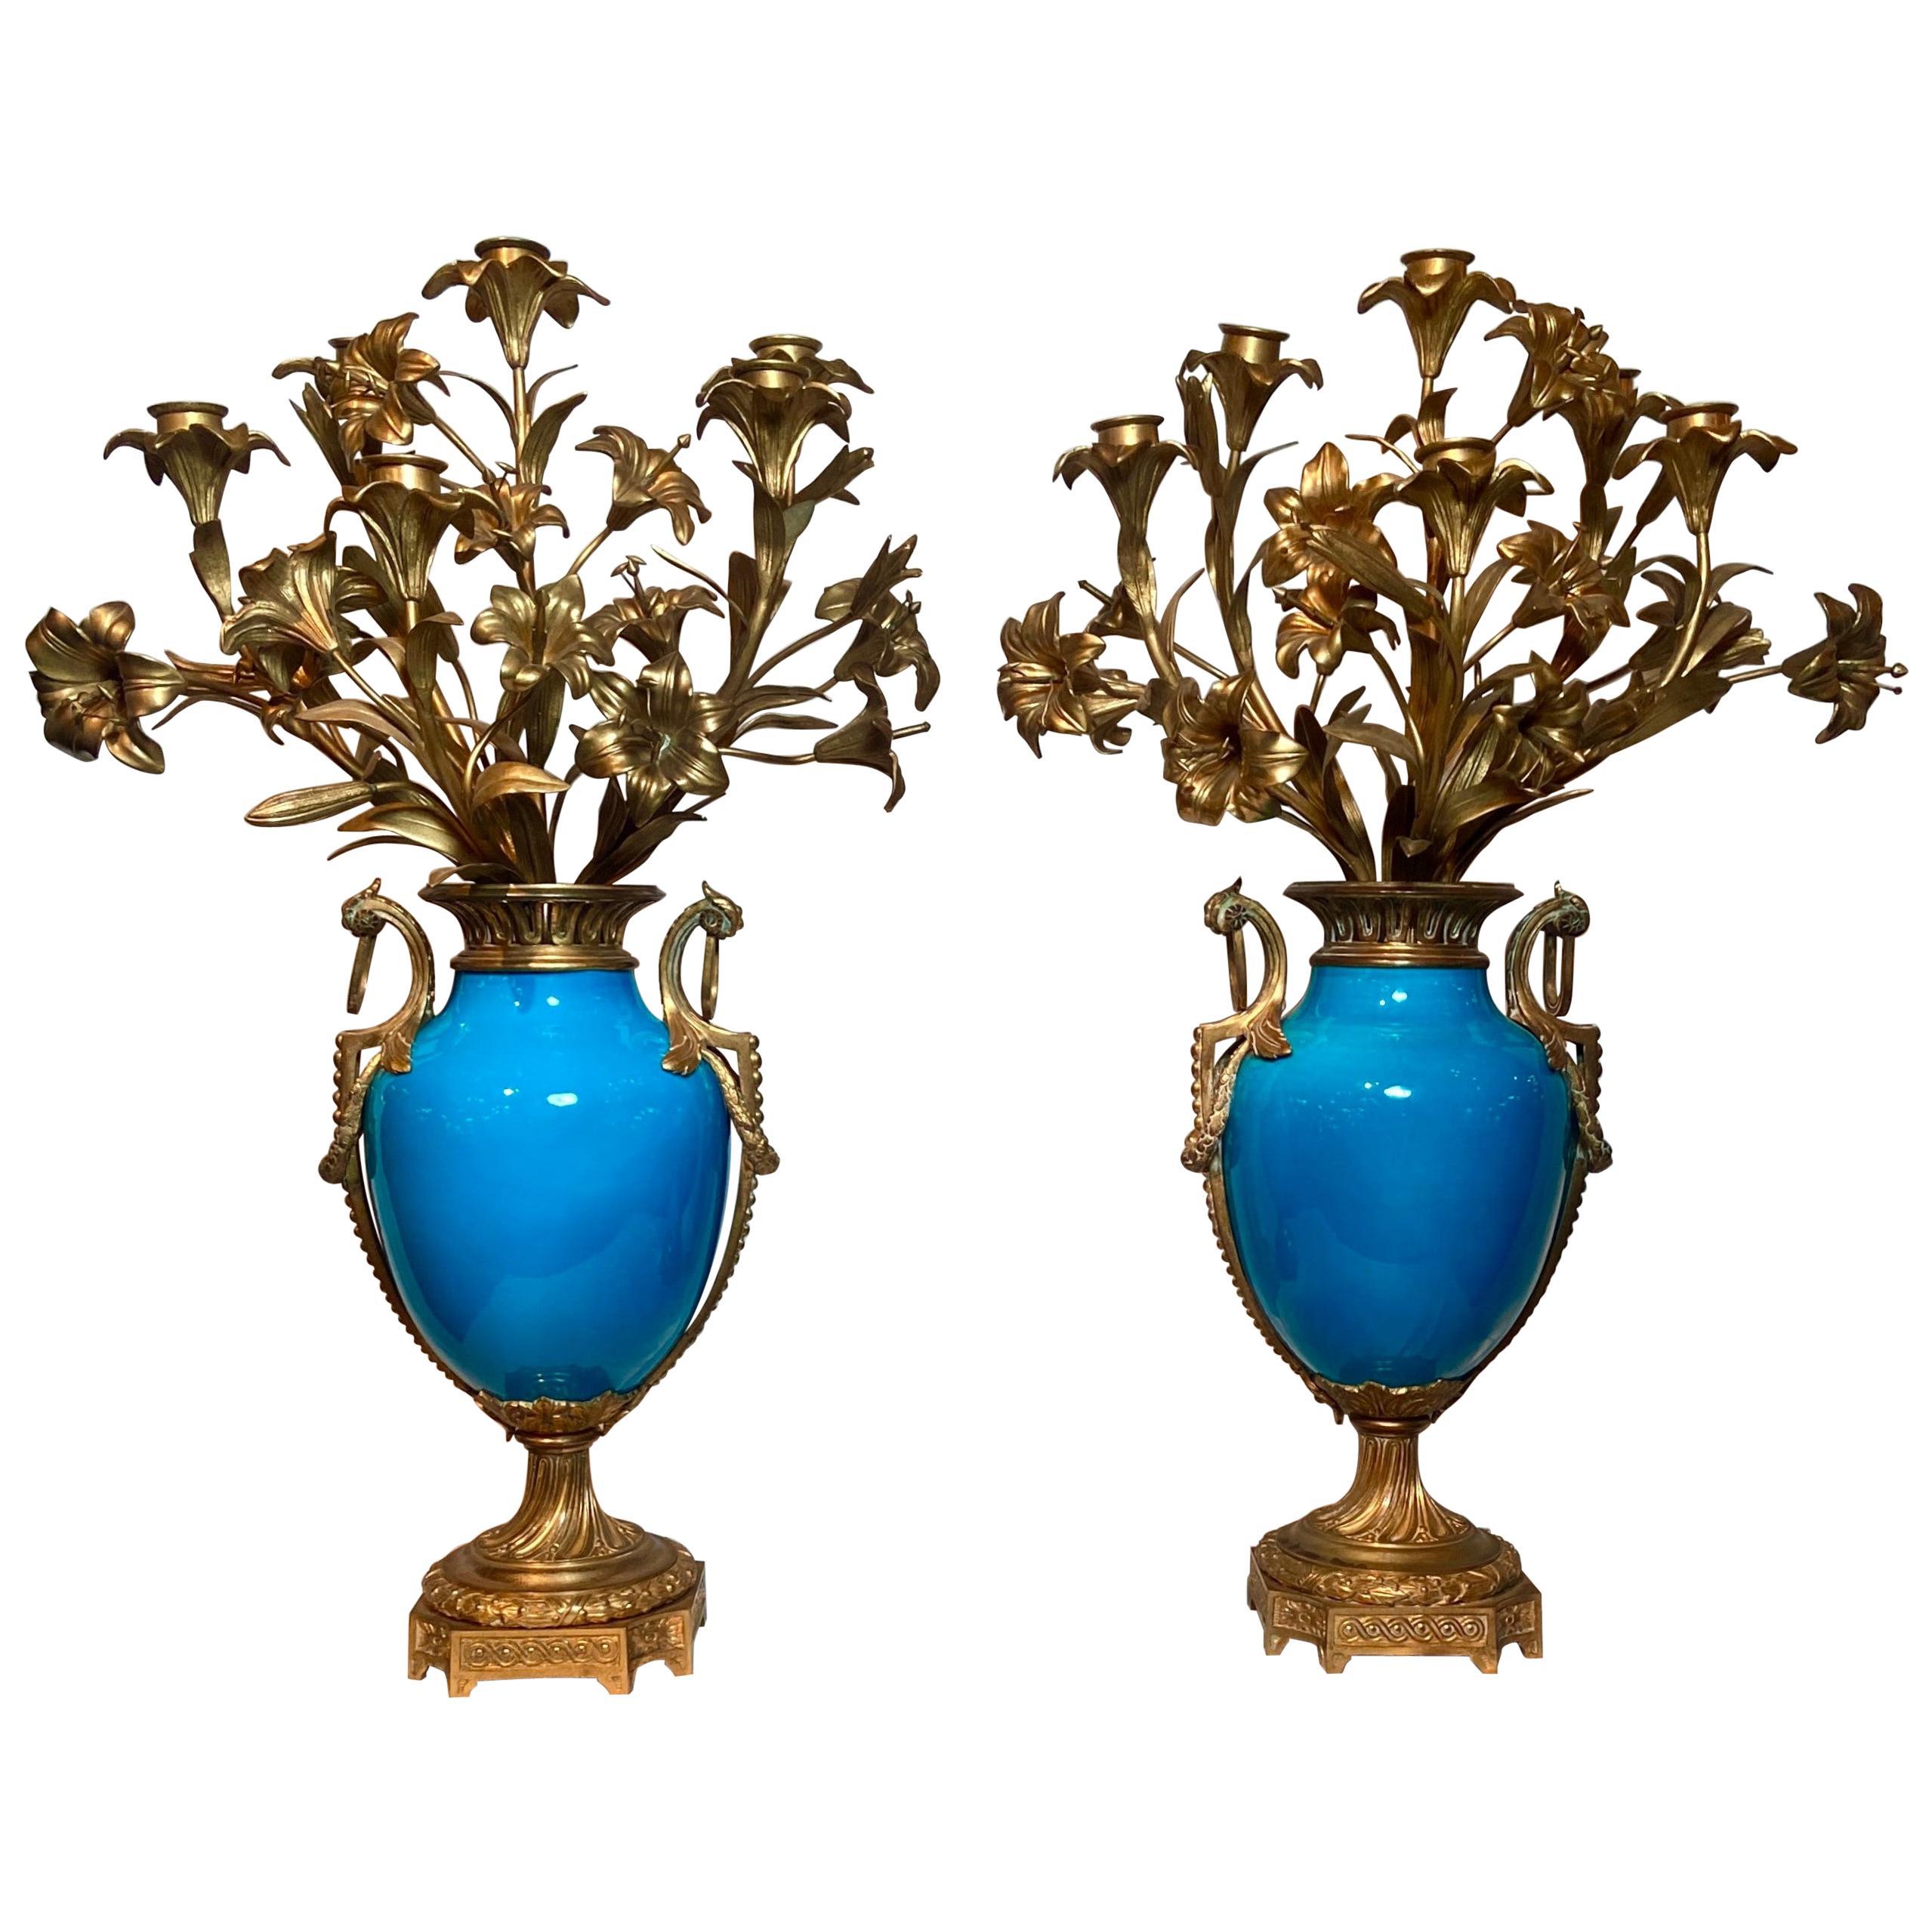 Pair Antique French Blue Sèvres Porcelain Ormolu Candelabra, Circa 1870-1880